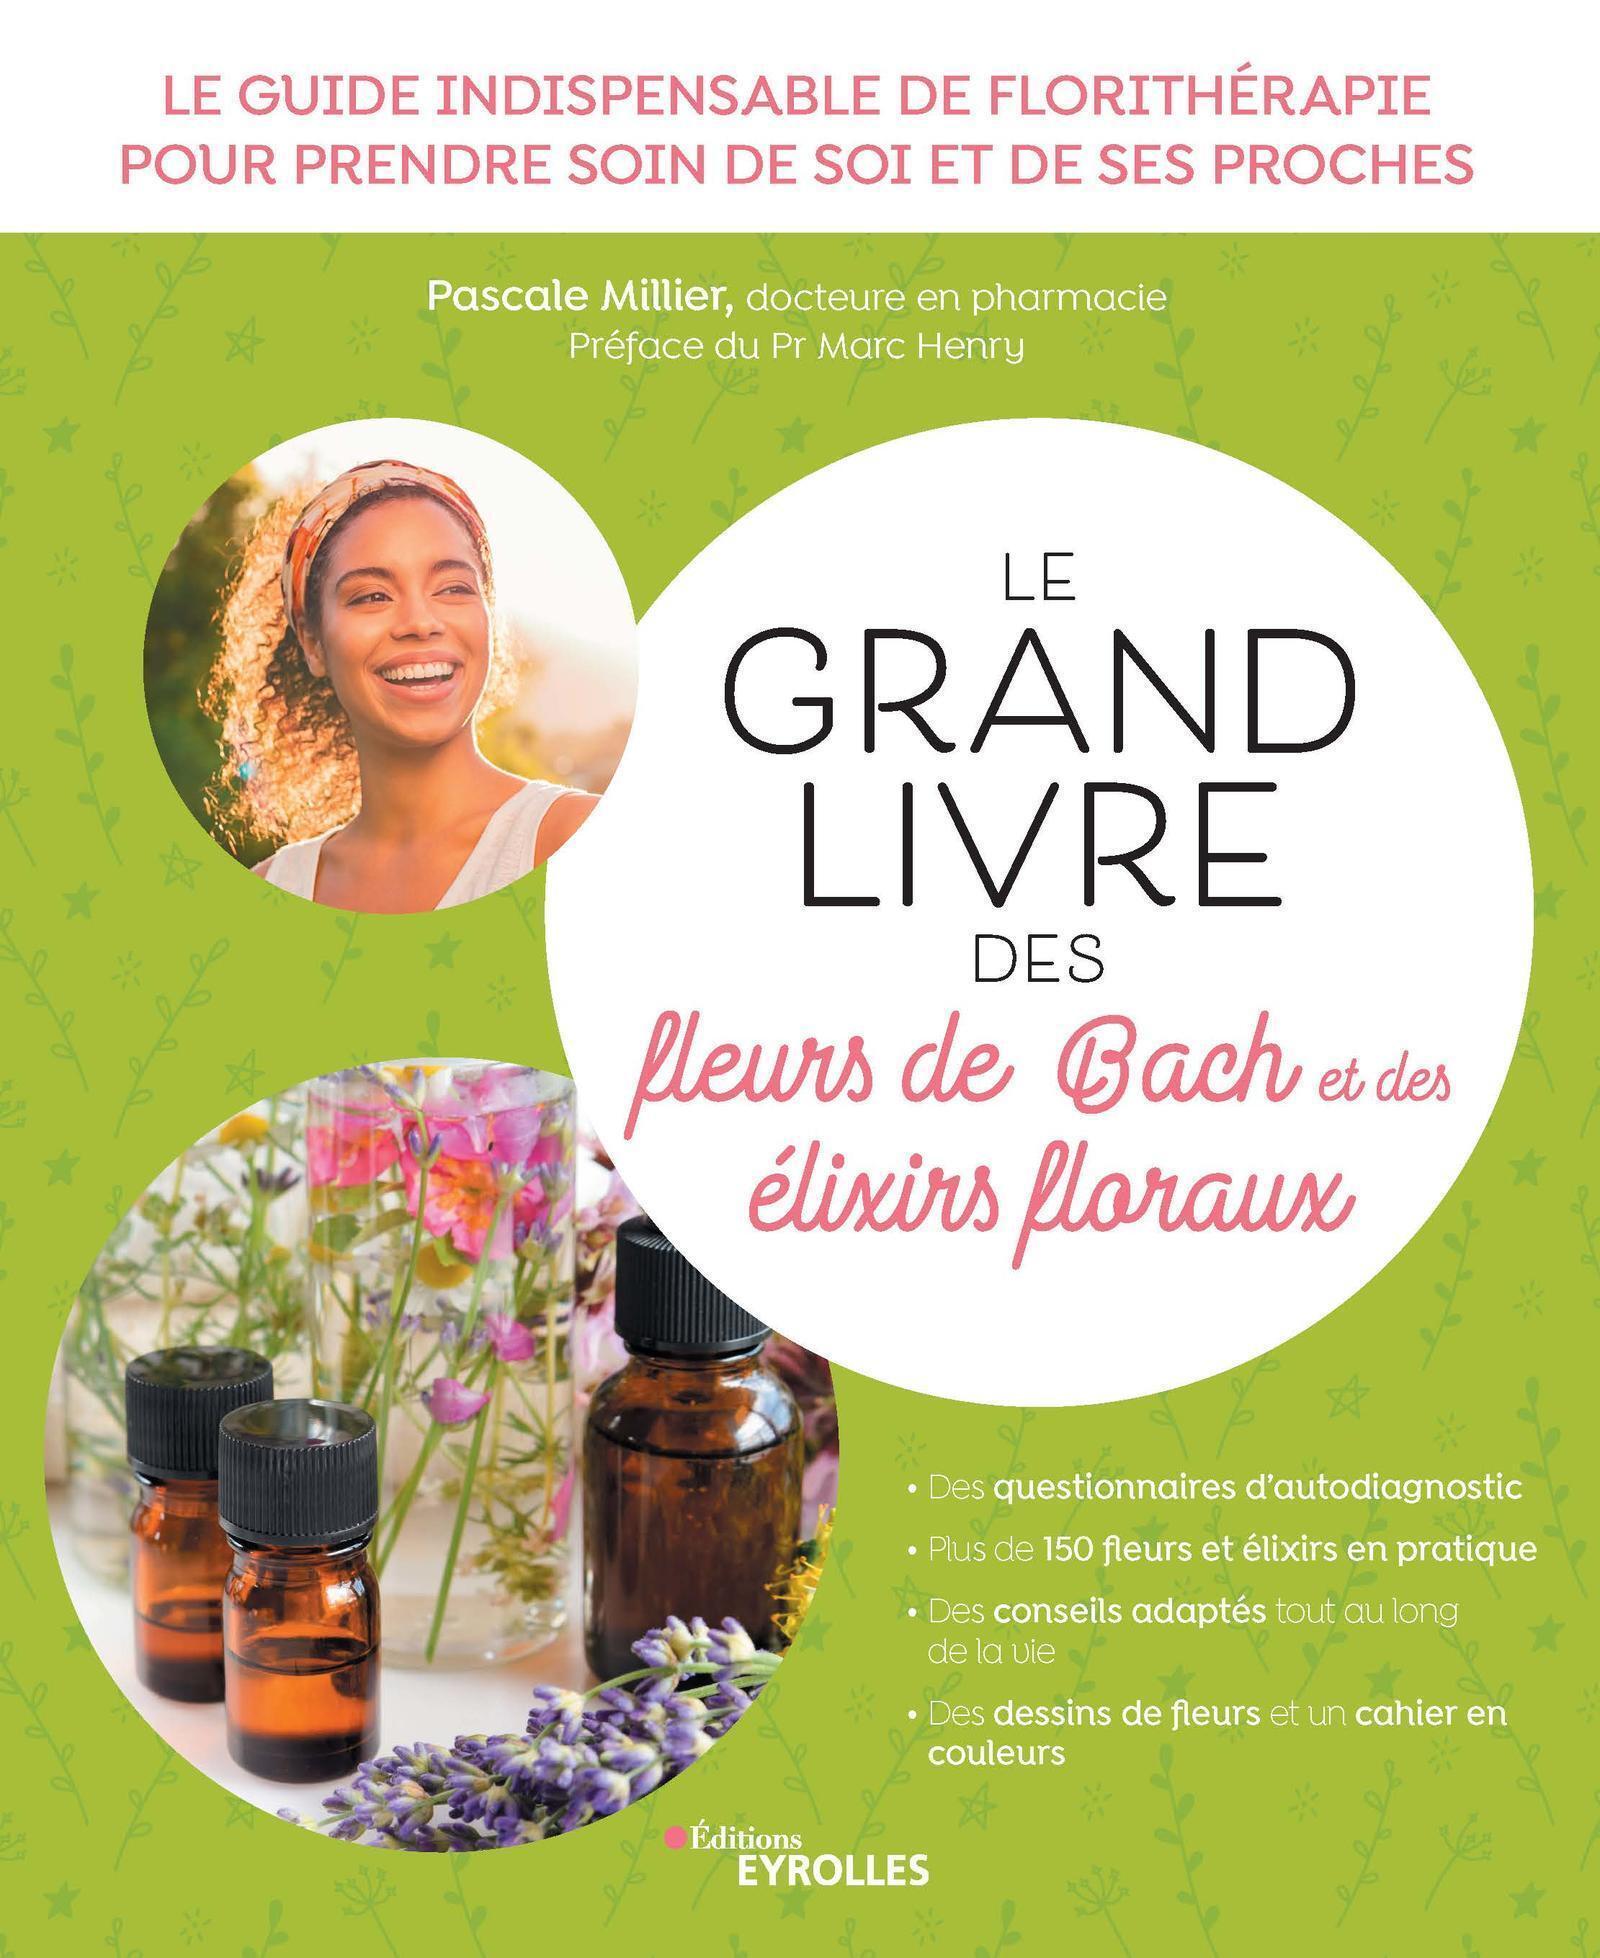 LE GRAND LIVRE DES FLEURS DE BACH ET DES ELIXIRS FLORAUX - LE GUIDE INDISPENSABLE DE FLORITHERAPIE P